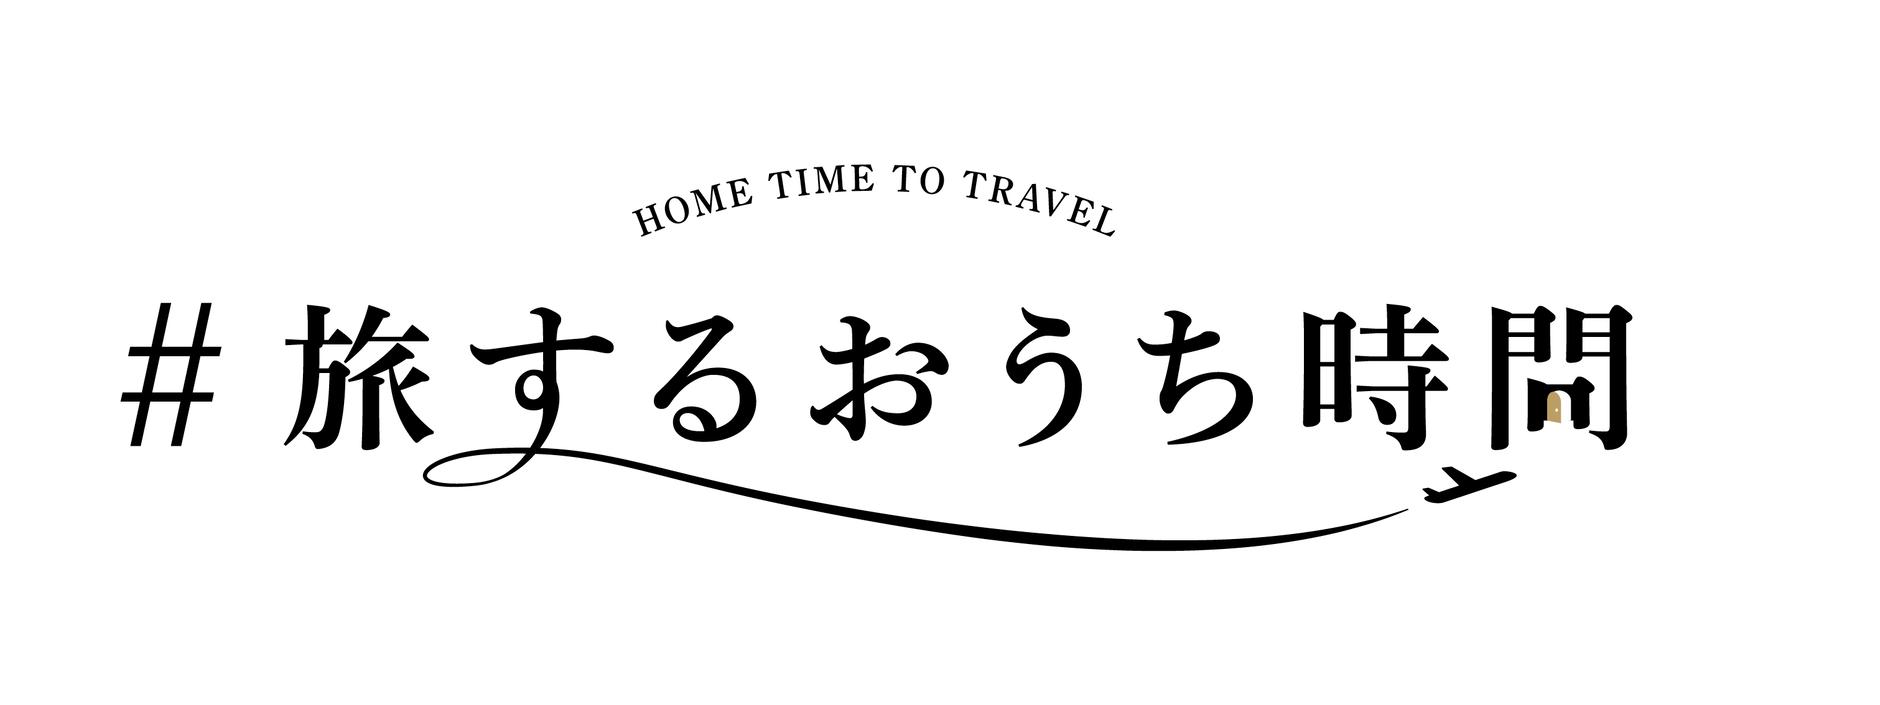 #旅するおうち時間